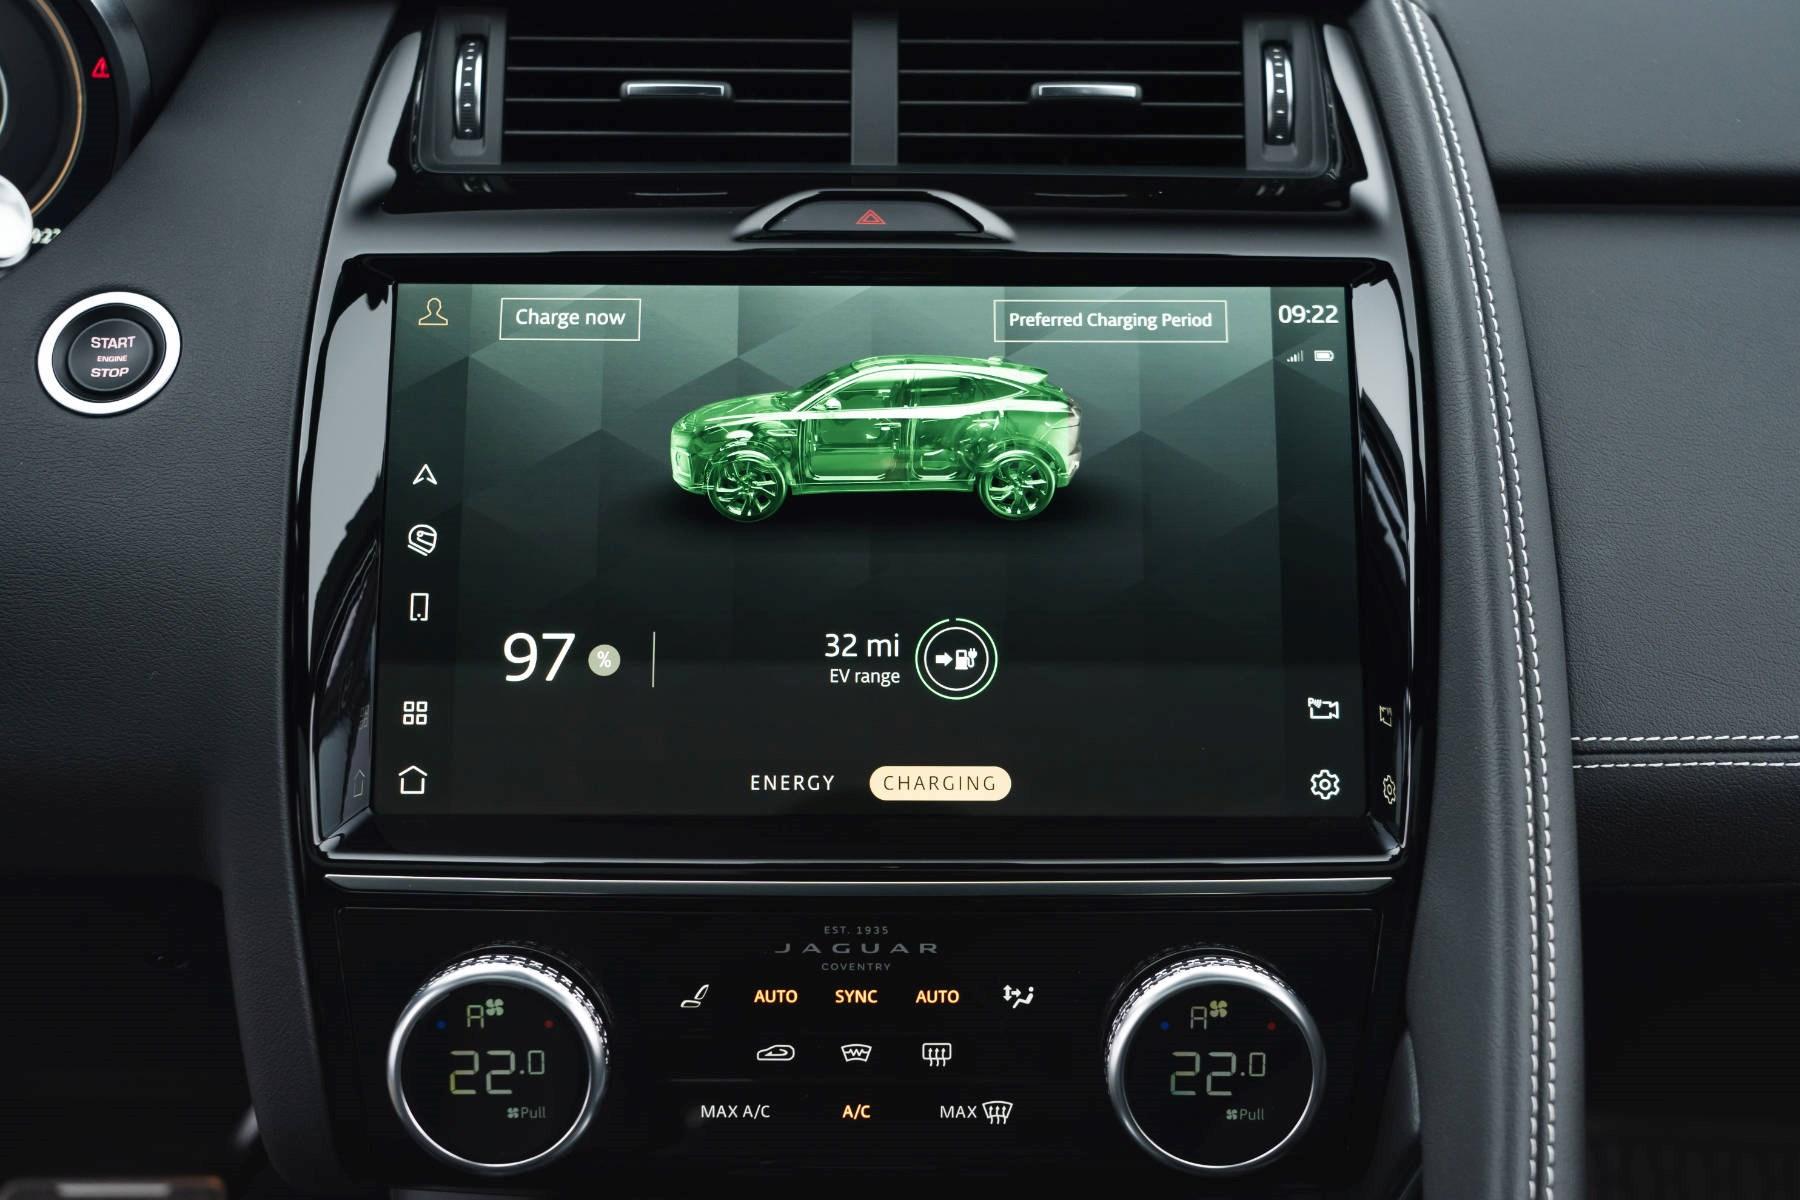 Jaguar E-Pace hybrid infotainment